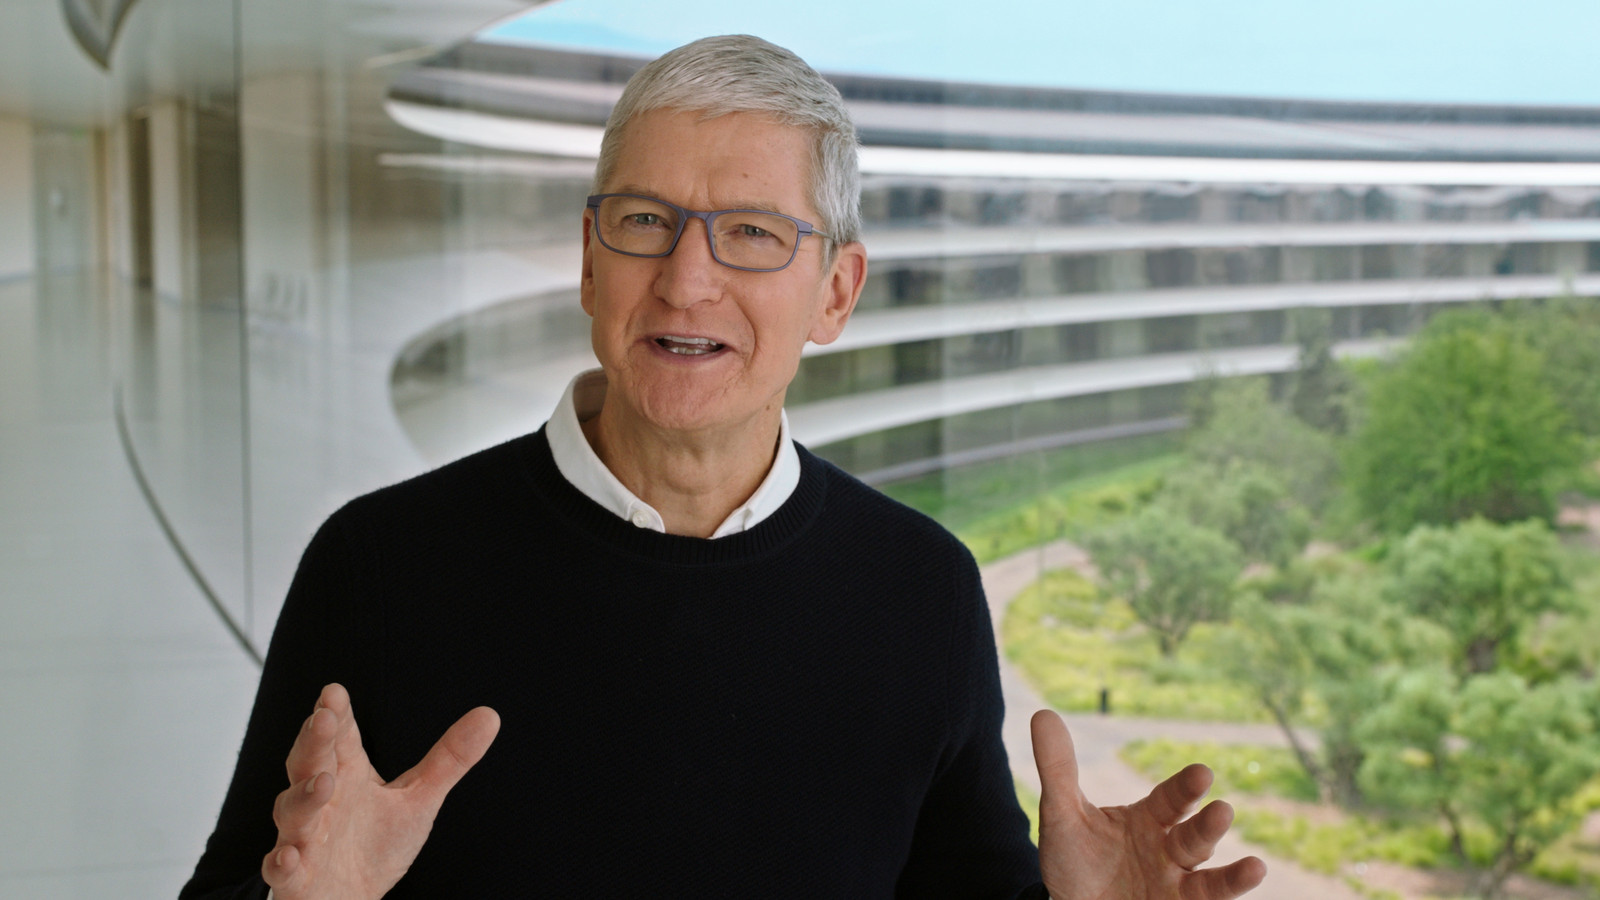 Apple-ceo Tim Cook spreekt op de online persconferentie.